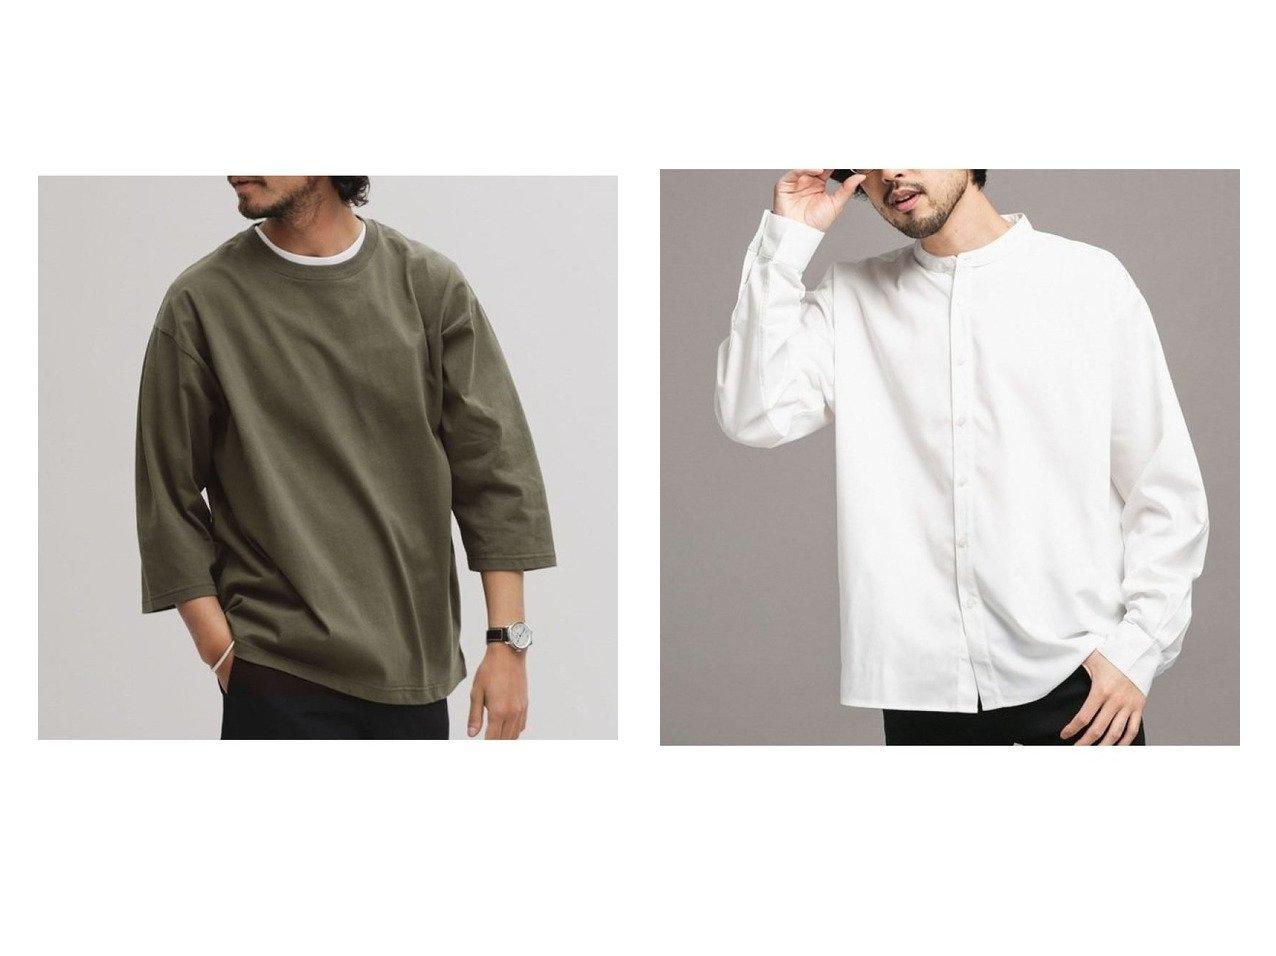 【nano universe / MEN/ナノ ユニバース】のエントリーワイドバンドカラーシャツ&快適男 クルーネックワイドTシャツ/七分袖 【MEN】おすすめ!人気トレンド・男性、メンズファッションの通販 おすすめで人気の流行・トレンド、ファッションの通販商品 メンズファッション・キッズファッション・インテリア・家具・レディースファッション・服の通販 founy(ファニー) https://founy.com/ ファッション Fashion メンズファッション MEN トップス カットソー Tops Tshirt Men シャツ Shirts インナー カットソー 吸水 軽量 ジャケット スタンダード ストレッチ セットアップ テーラード トレンド 長袖 ポロシャツ ミリタリー リラックス ワイド ワーク 2020年 2020 S/S 春夏 SS Spring/Summer 2020 春夏 S/S SS Spring/Summer 2020 NEW・新作・新着・新入荷 New Arrivals おすすめ Recommend お家時間・ステイホーム Home time,Stay home |ID:crp329100000023103